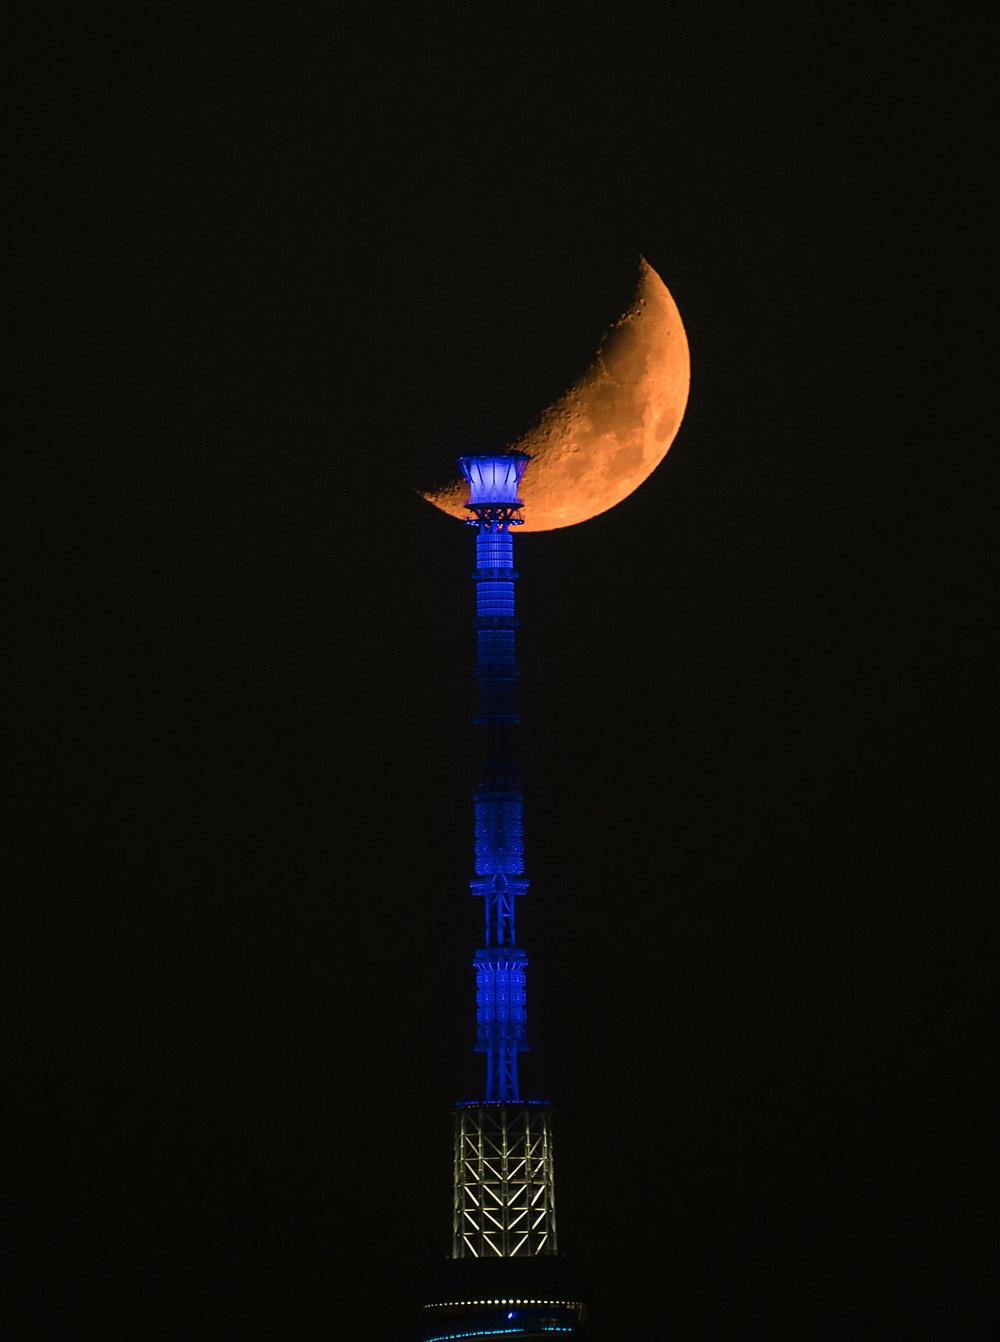 月齢6の月とスカイツリー_f0324026_01571350.jpg